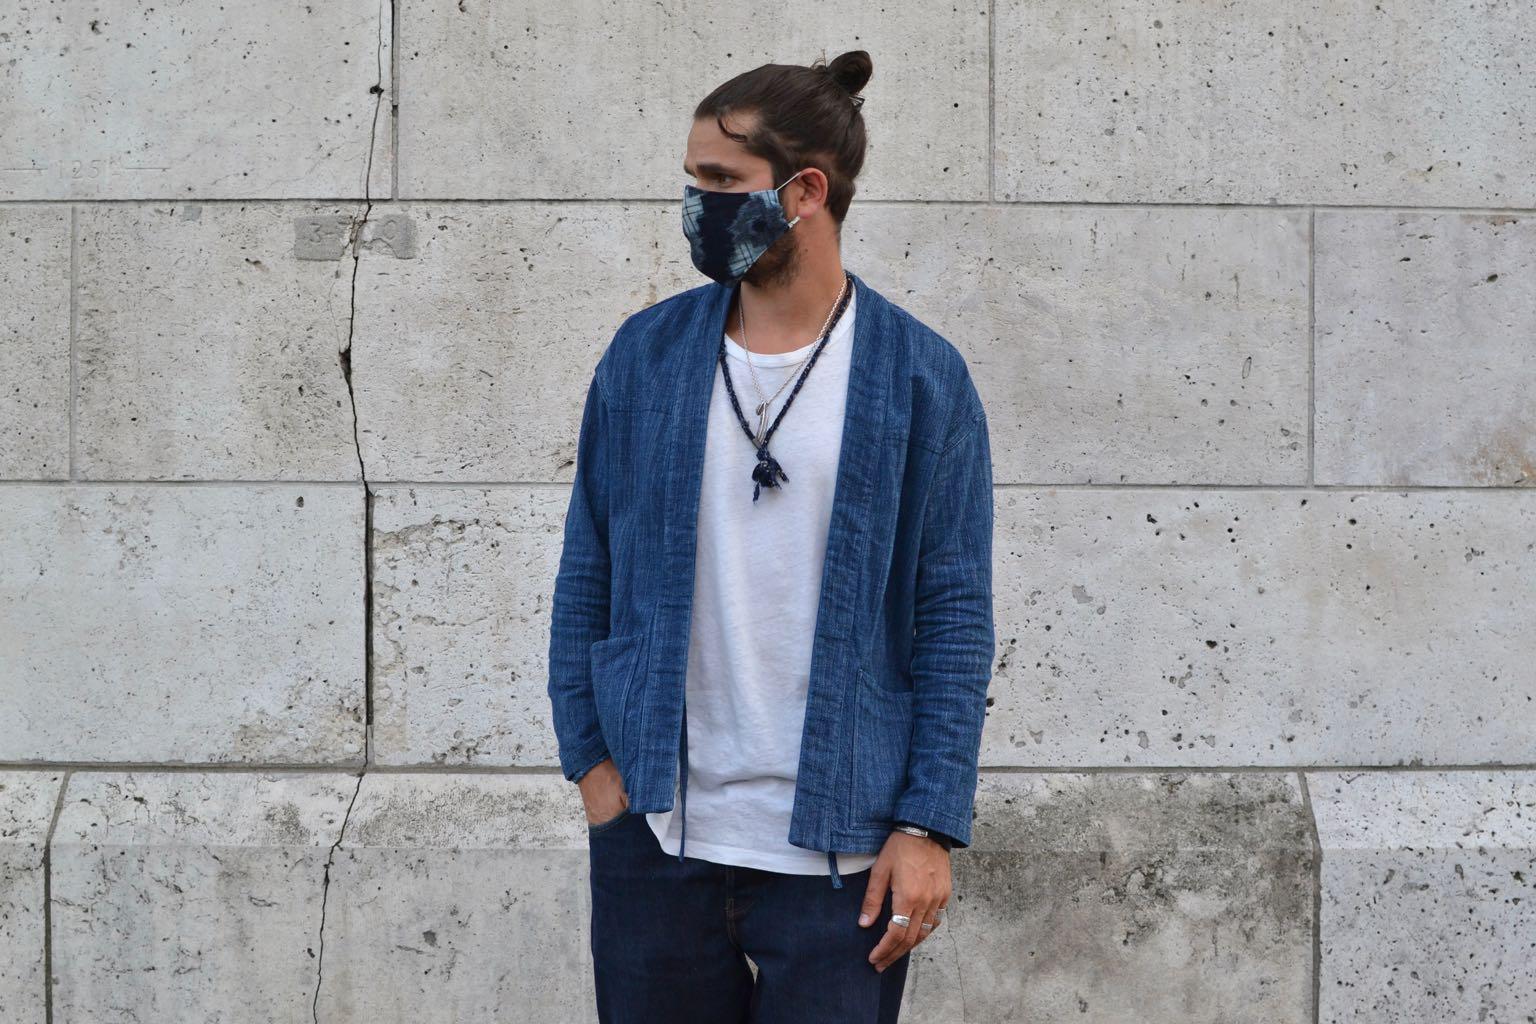 idée look homme été avec veste noragi borali et comment porter un masque covid19